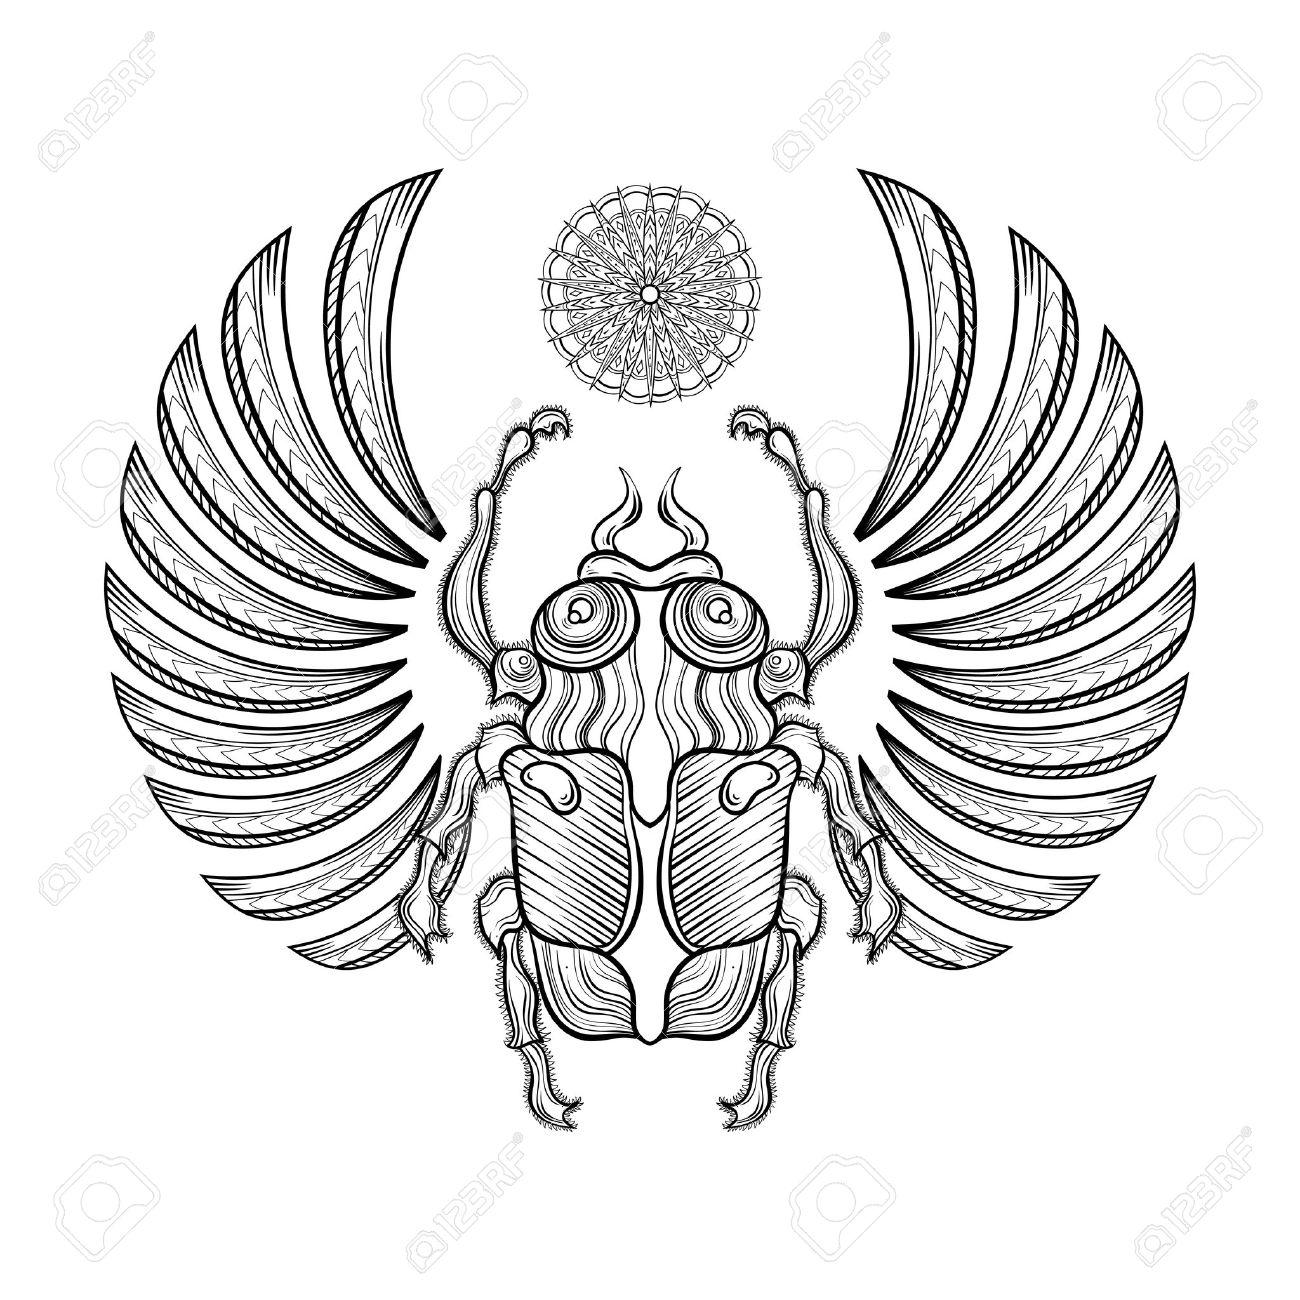 Abbildung ägyptischen Skarabäus Mit Flügeln. Ägyptische Symbole ...